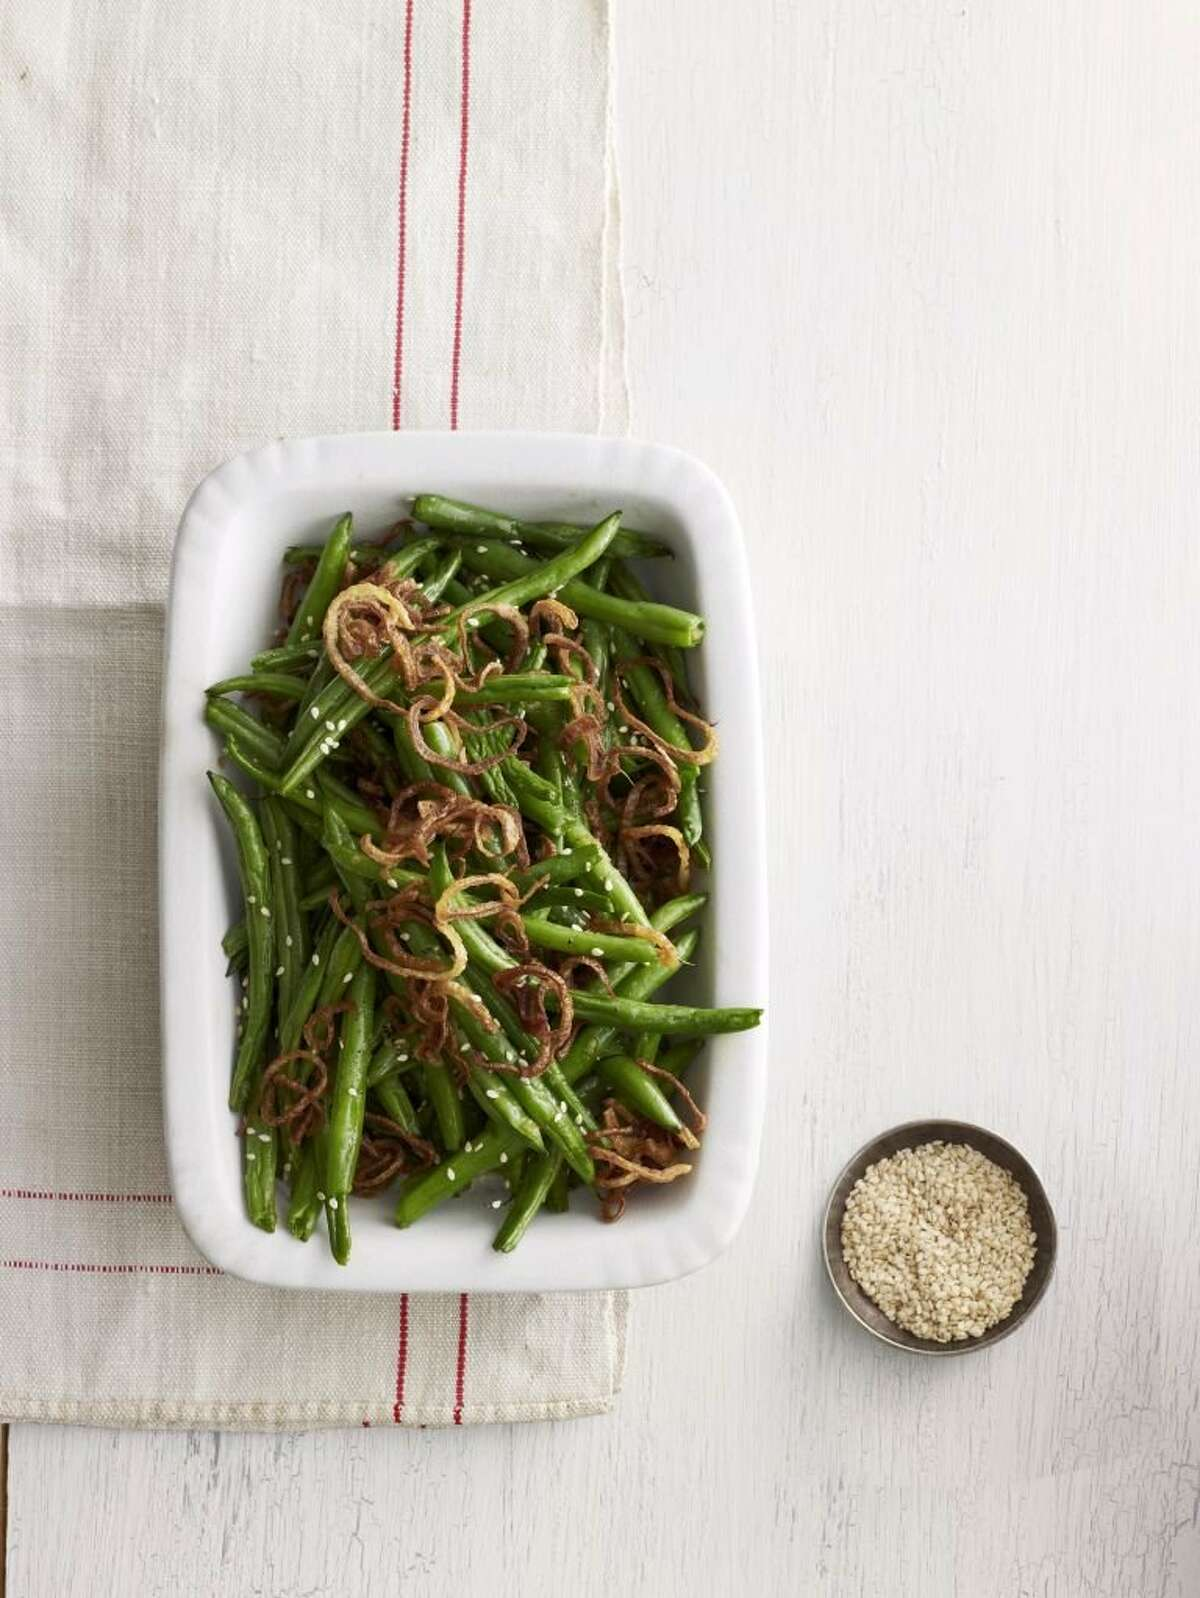 Country Living recipe for Sesame-Ginger Green Beans.